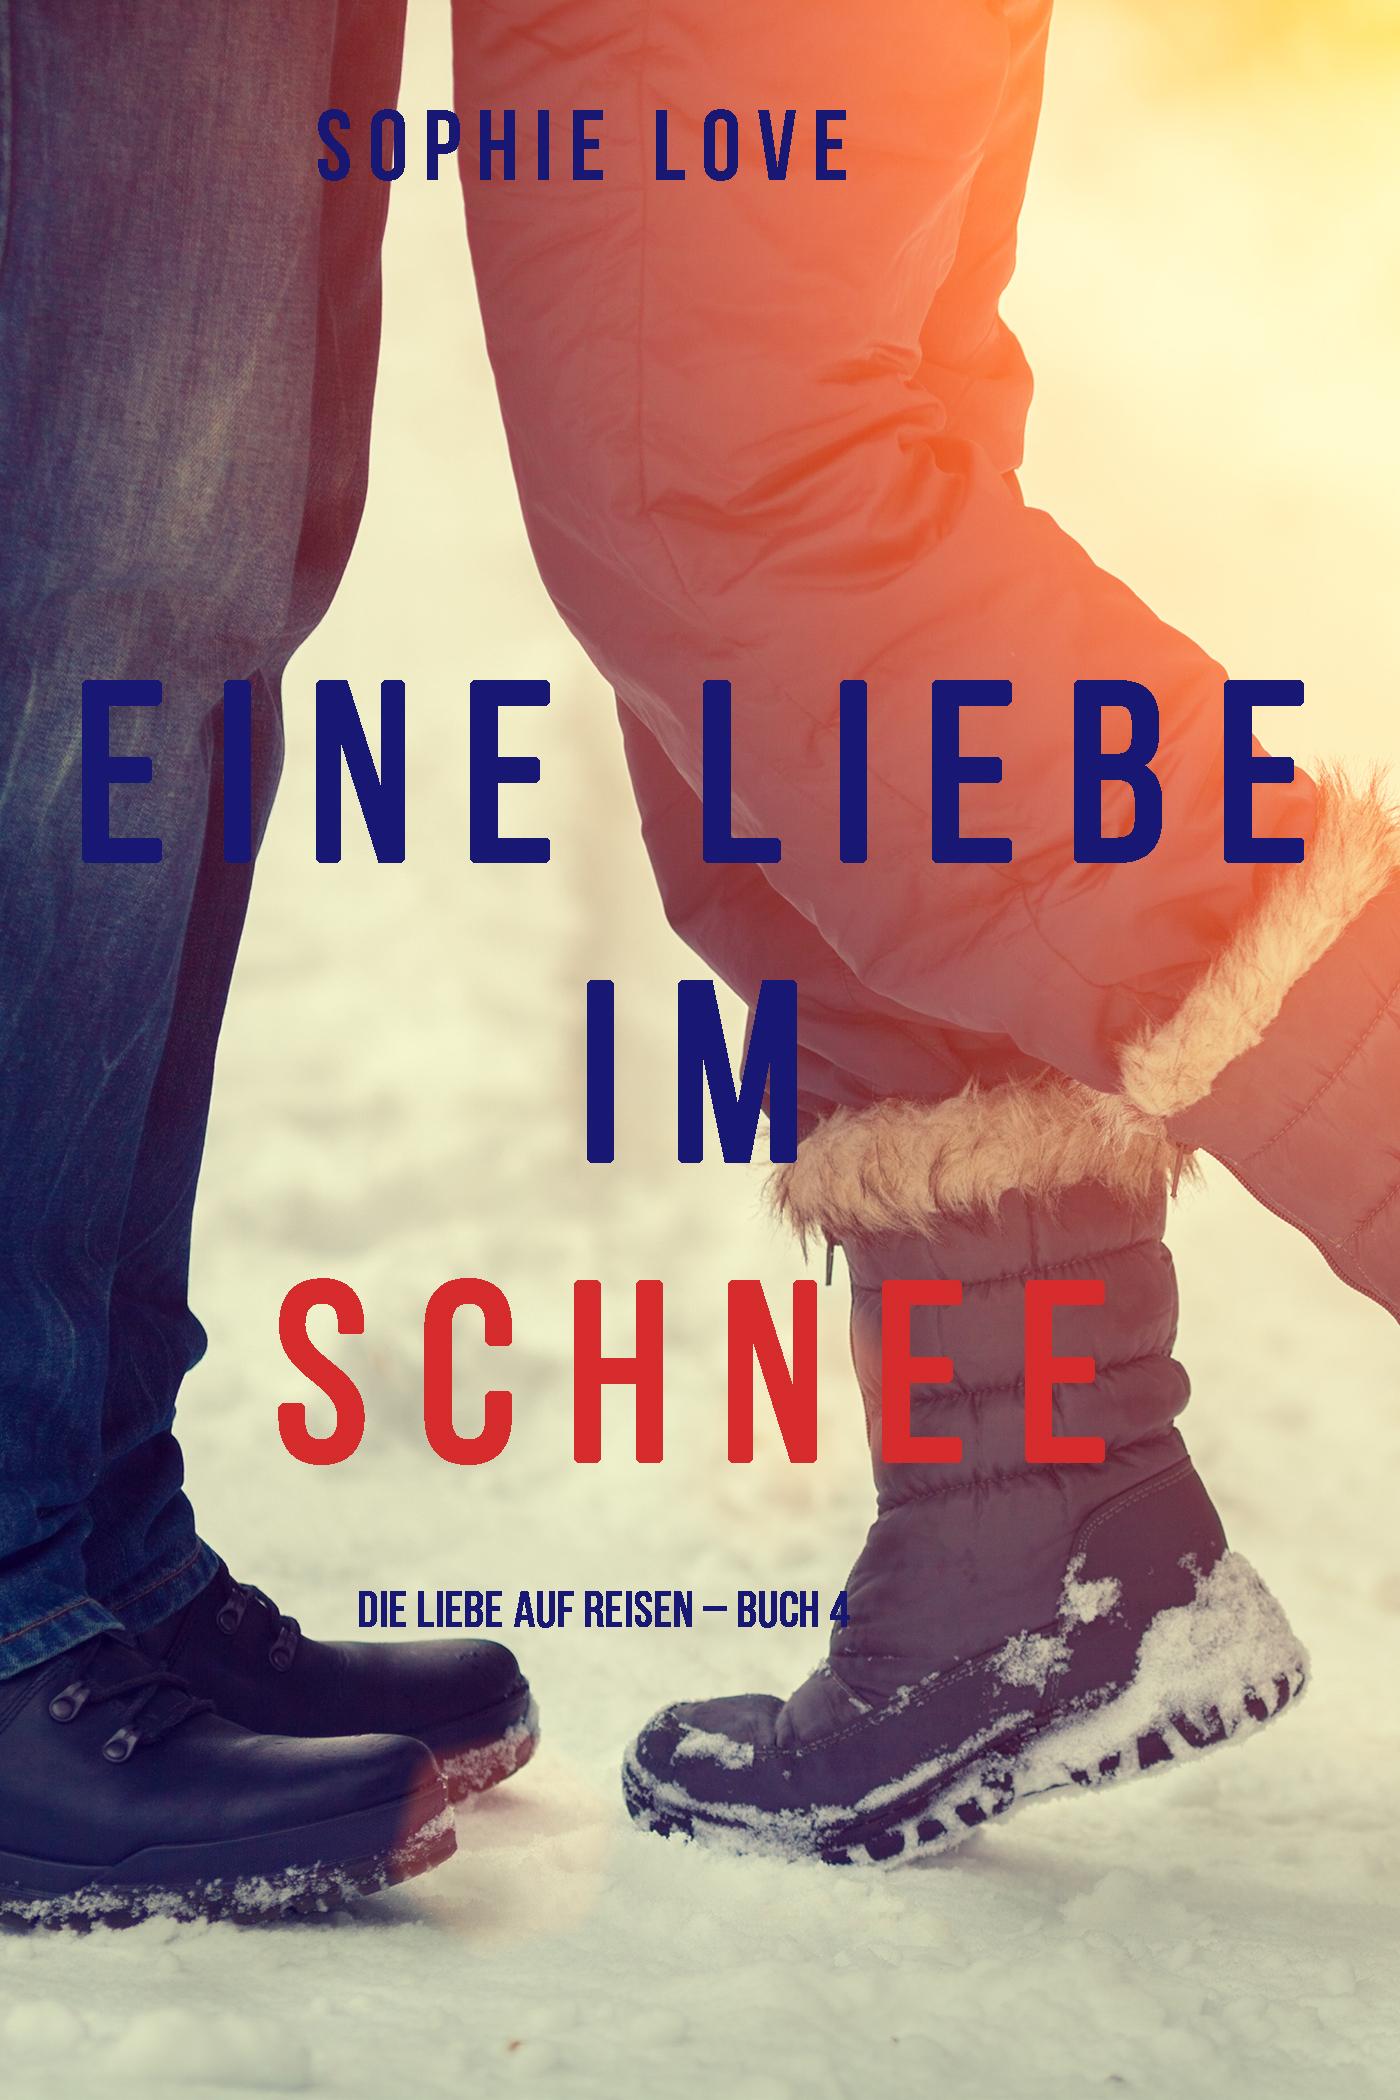 цена Sophie Love Eine Liebe im Schnee в интернет-магазинах